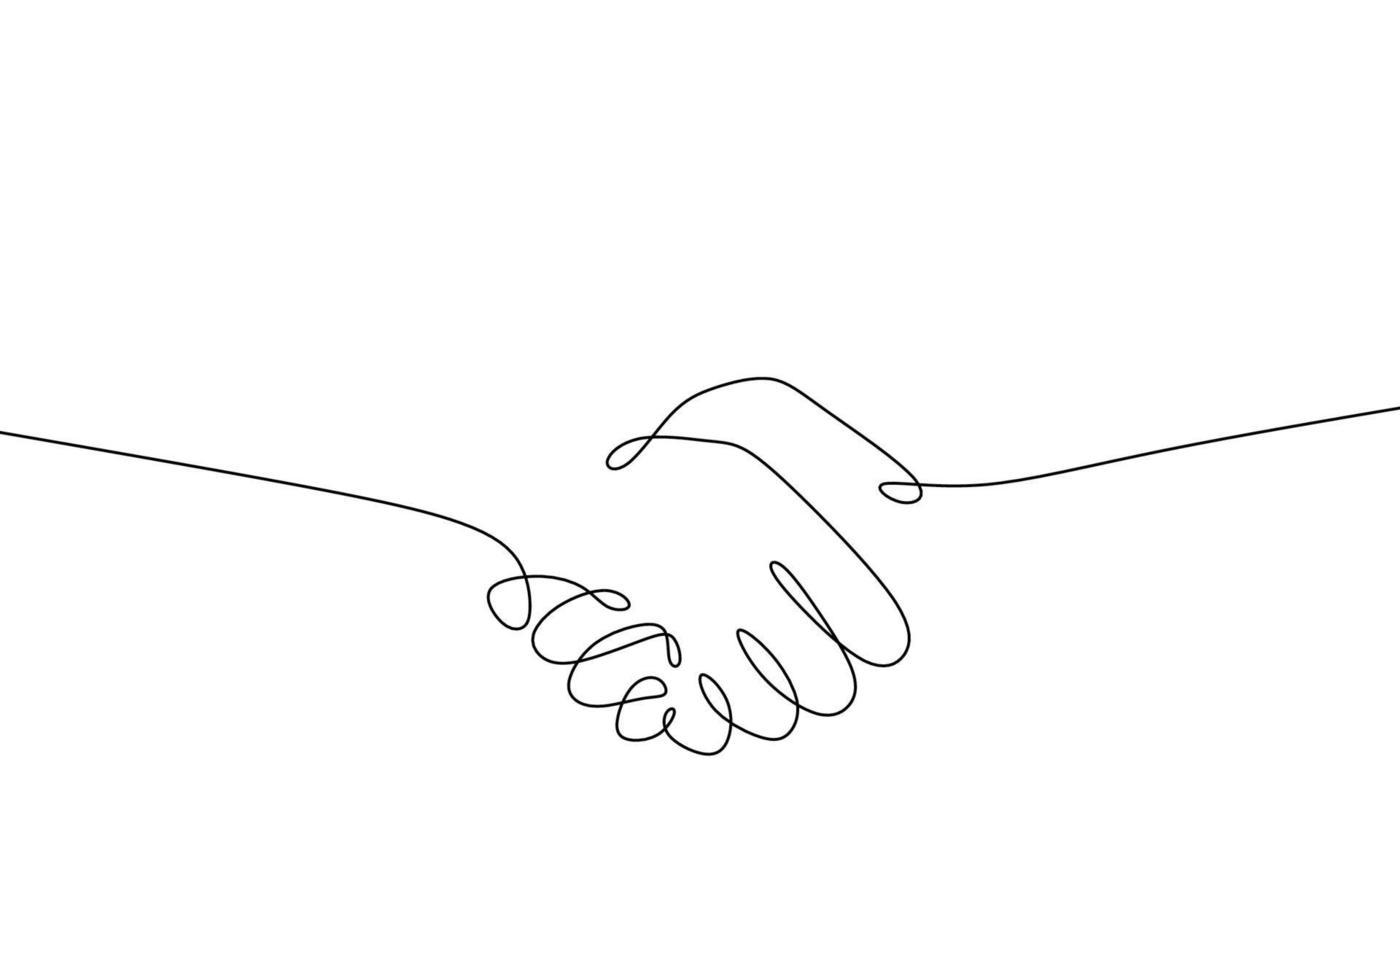 kontinuierliche einzeilige Zeichnung des Handshake-Symbols vektor